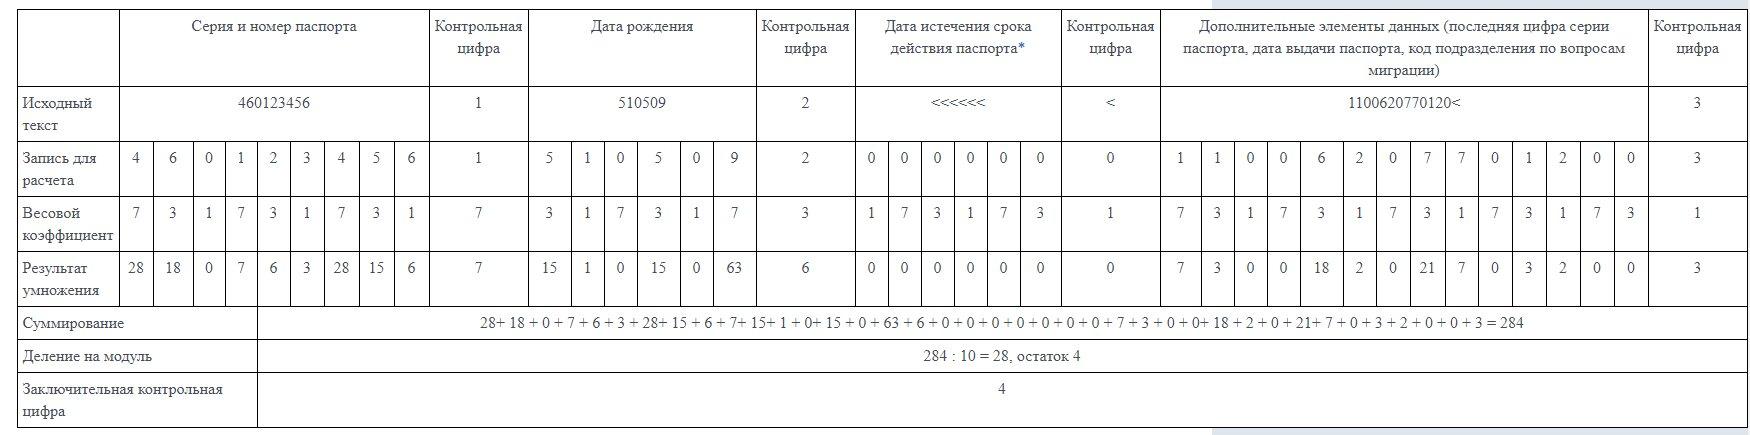 Пример расчета заключительной контрольной цифры